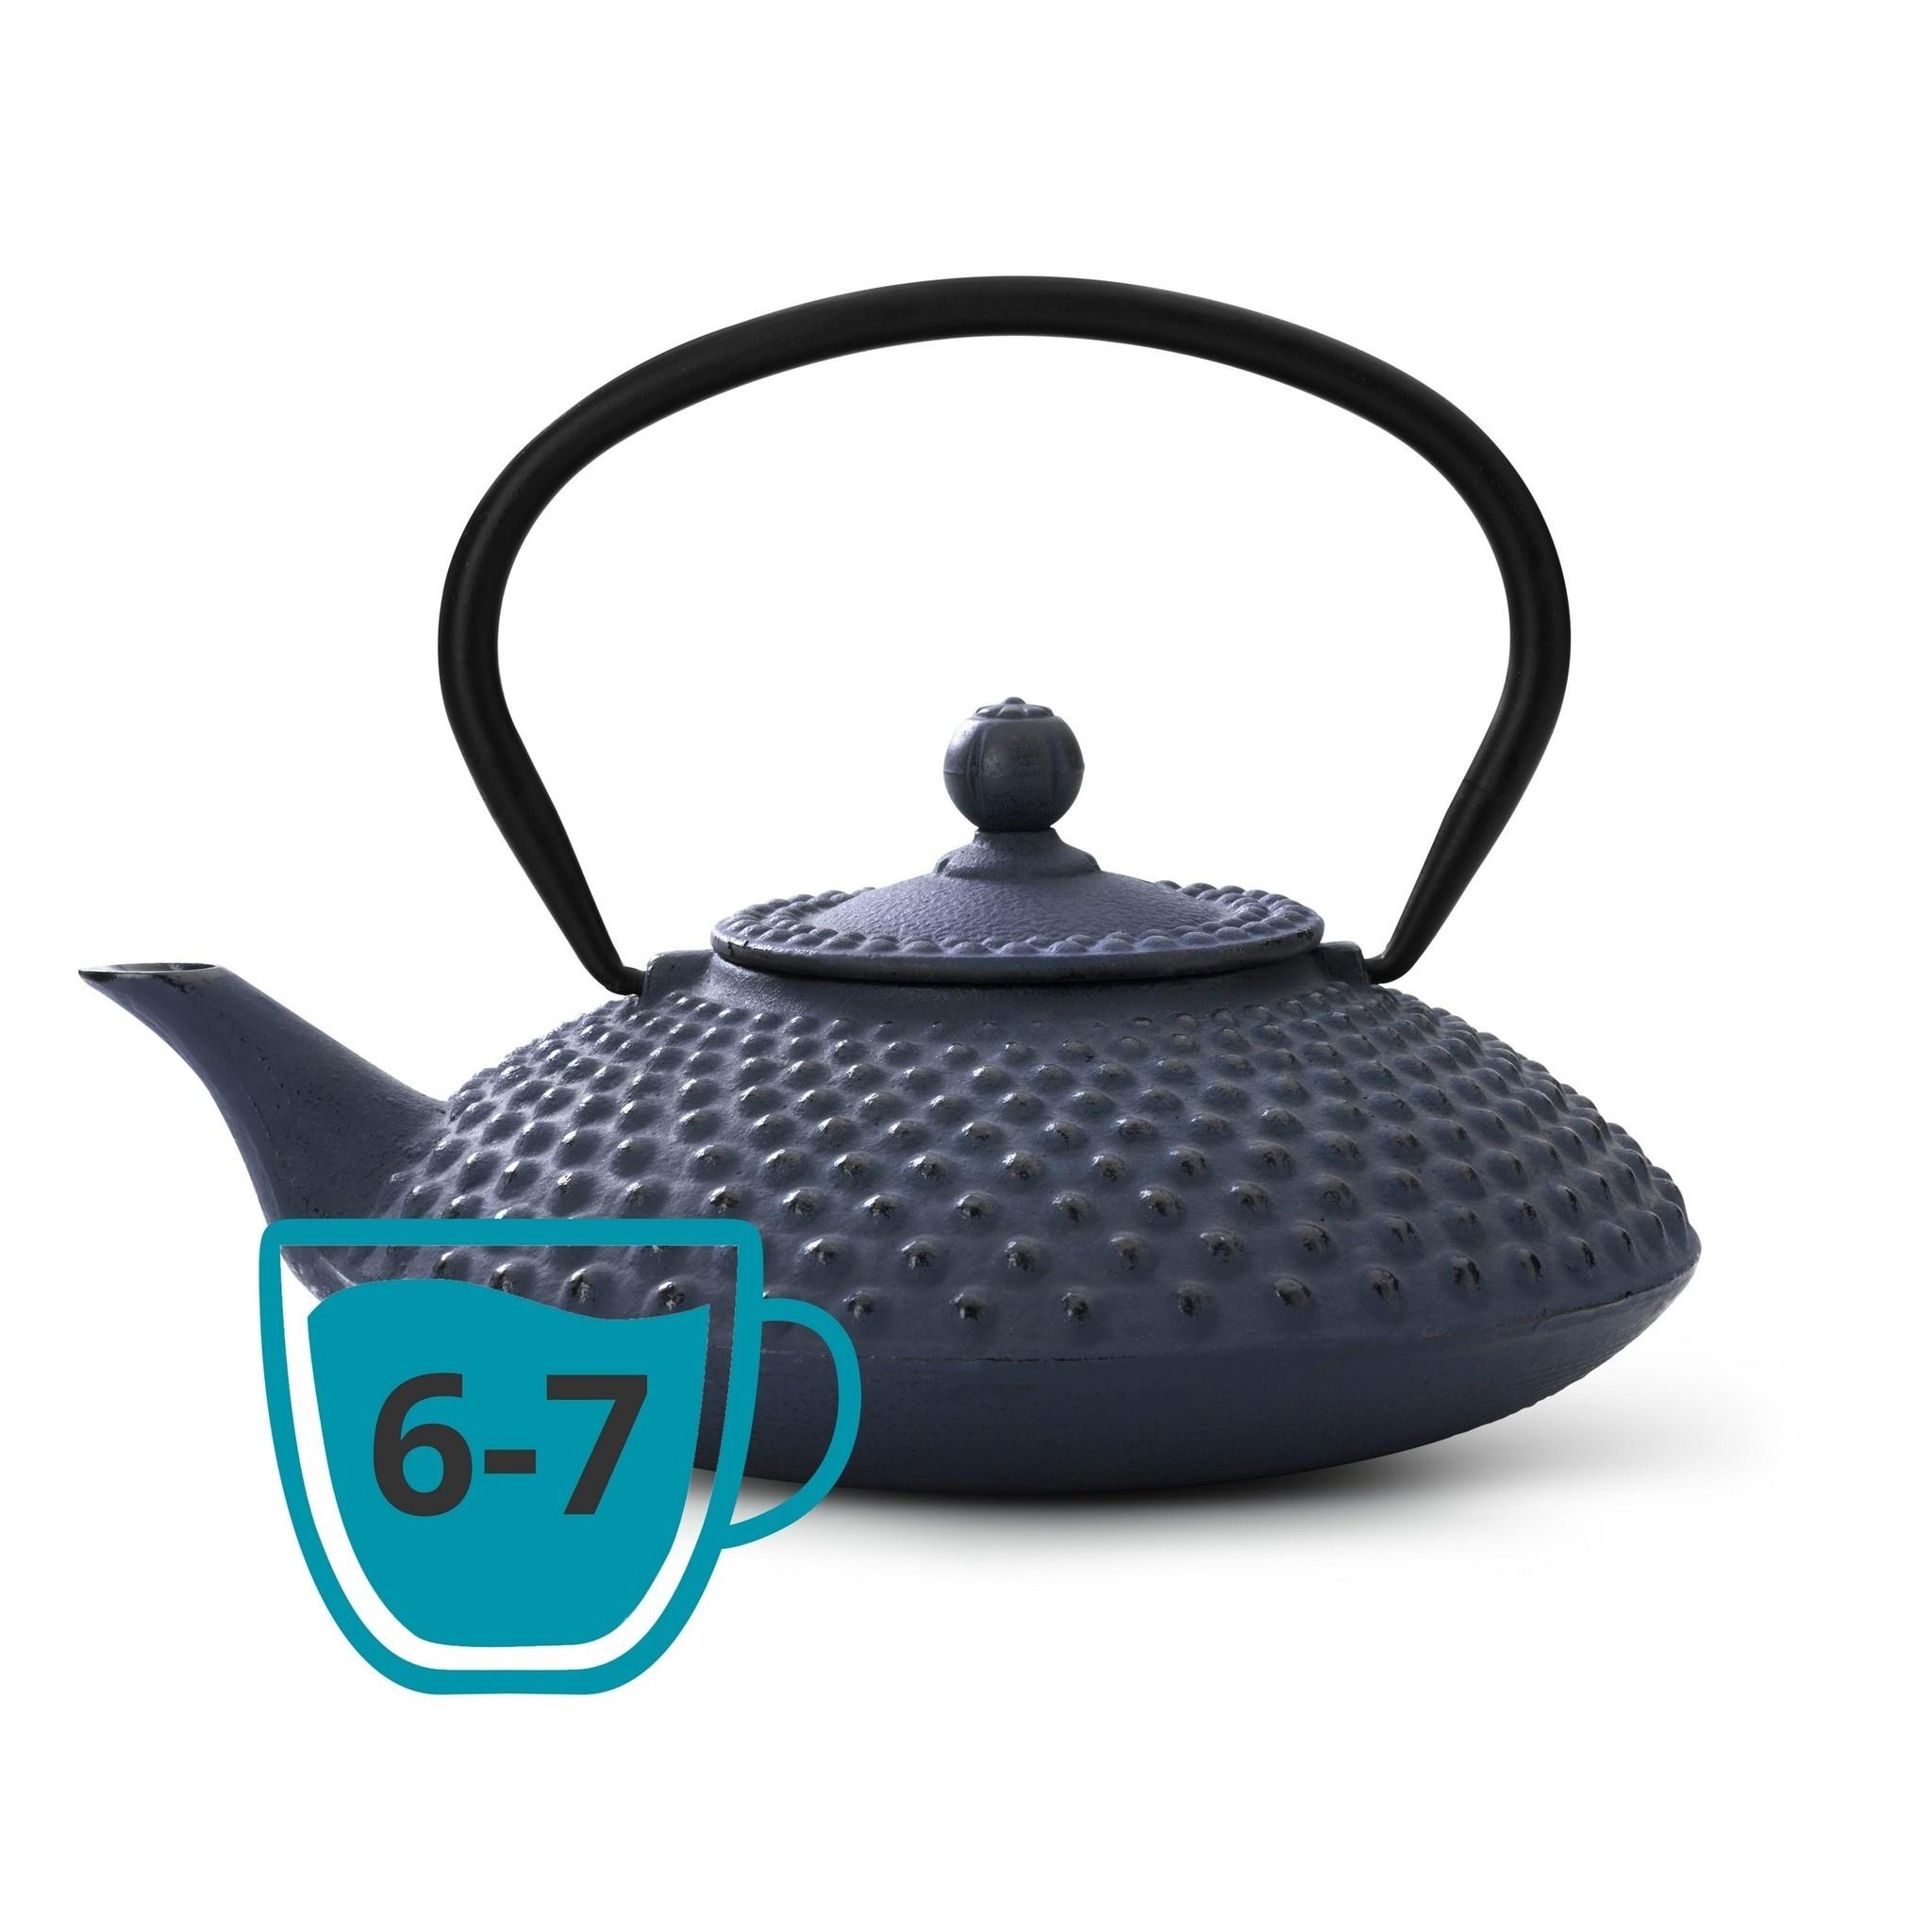 Theepot Xilin 1.25 L gietijzer blauw